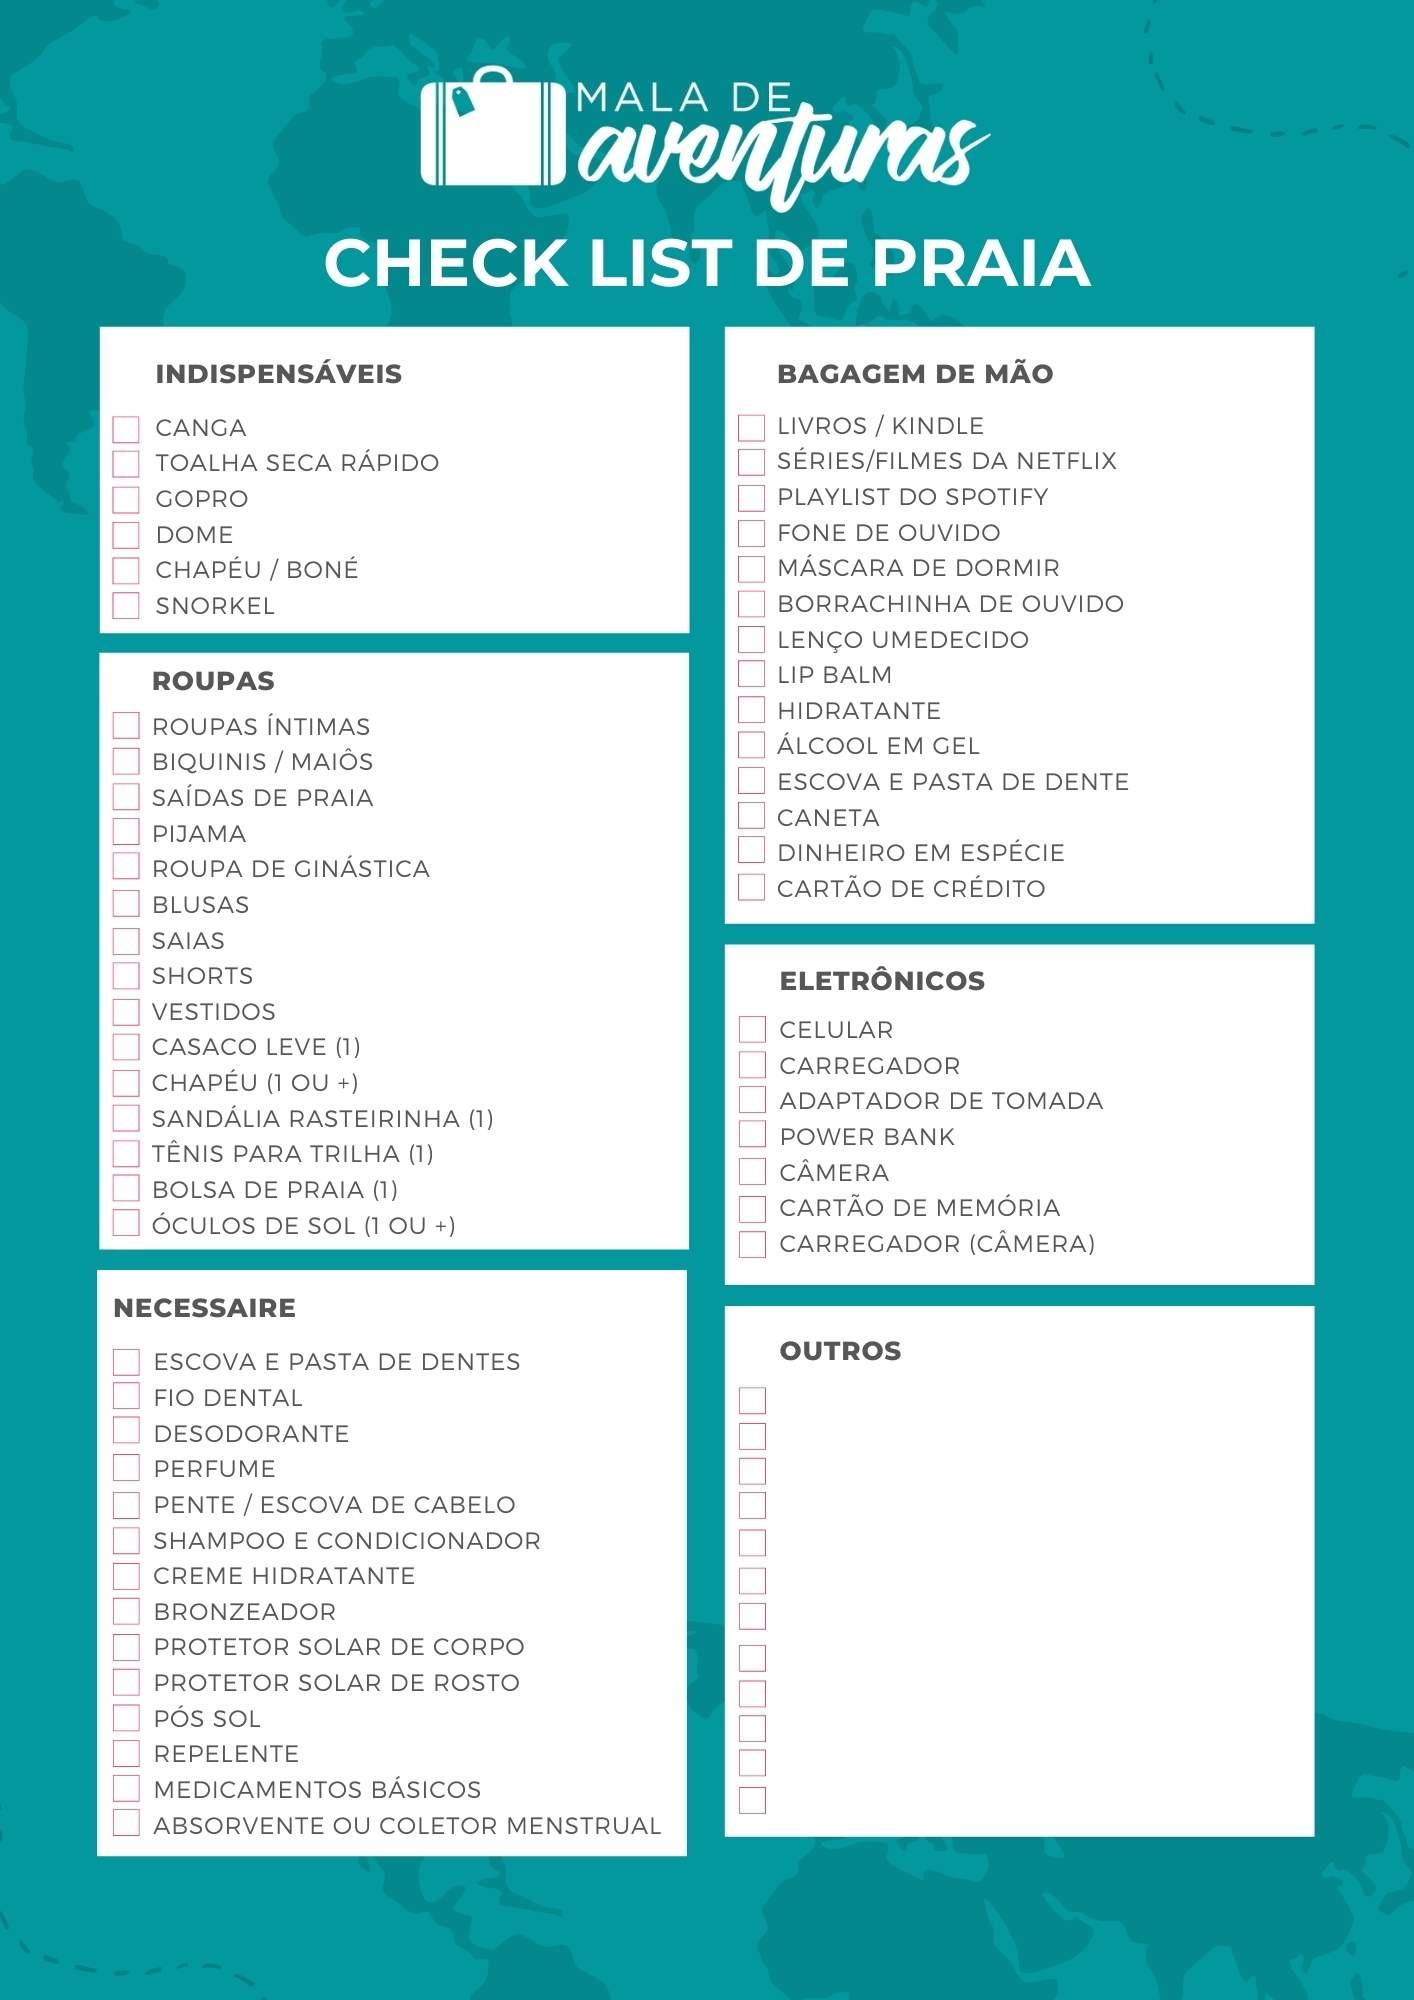 Checklist o que levar para a praia